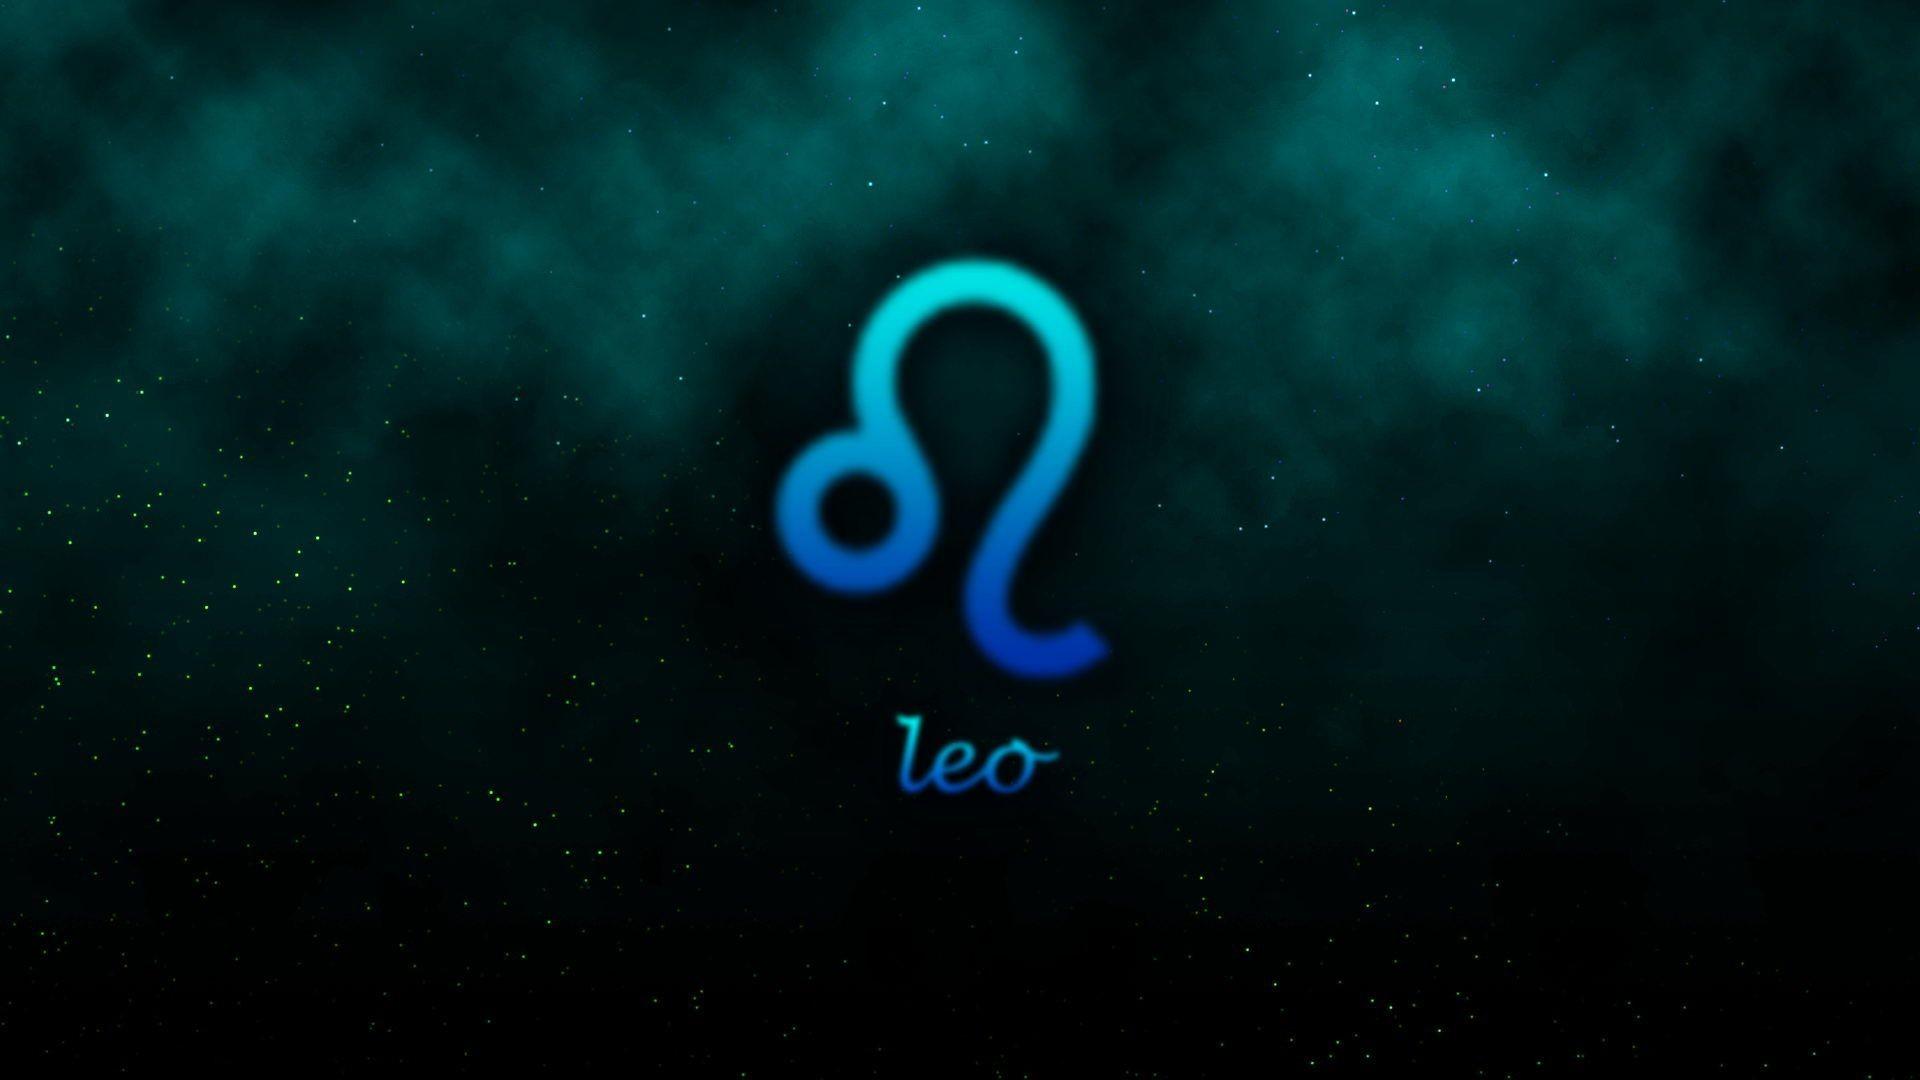 … leo zodiac sign wallpaper 61297 px hdwallsource com …